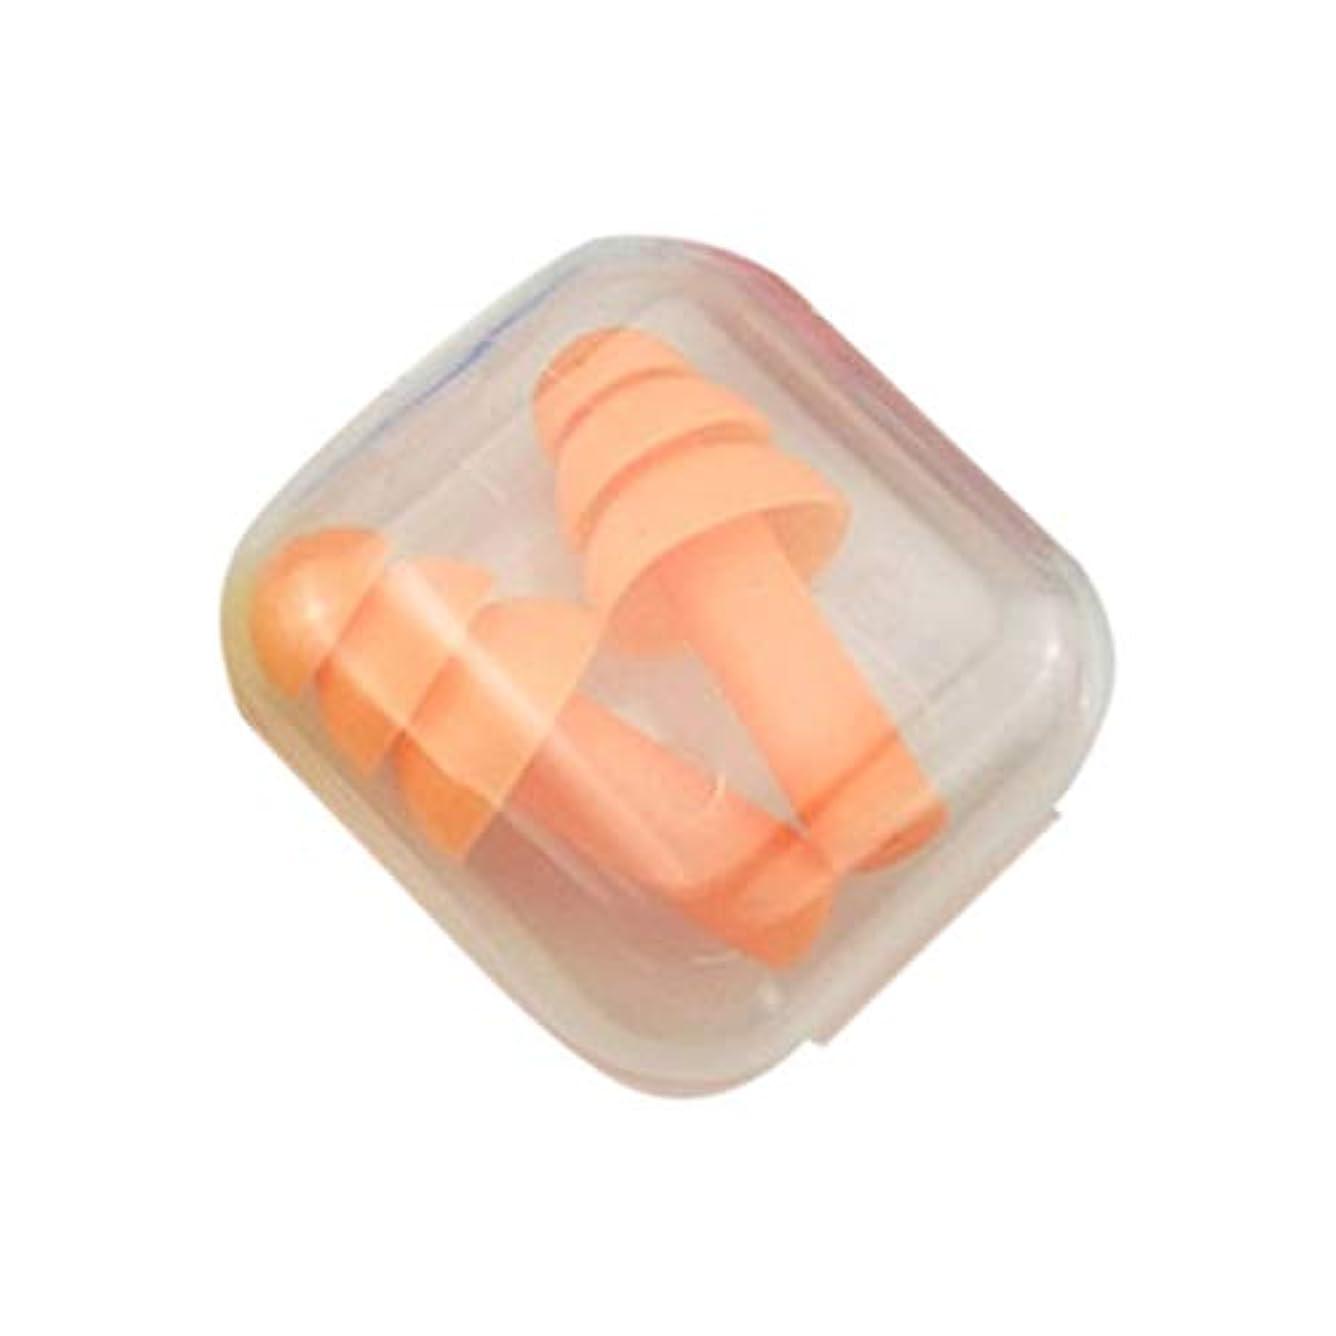 トークン副詞なめらかな柔らかいシリコーンの耳栓遮音用耳の保護用の耳栓防音睡眠ボックス付き収納ボックス - オレンジ